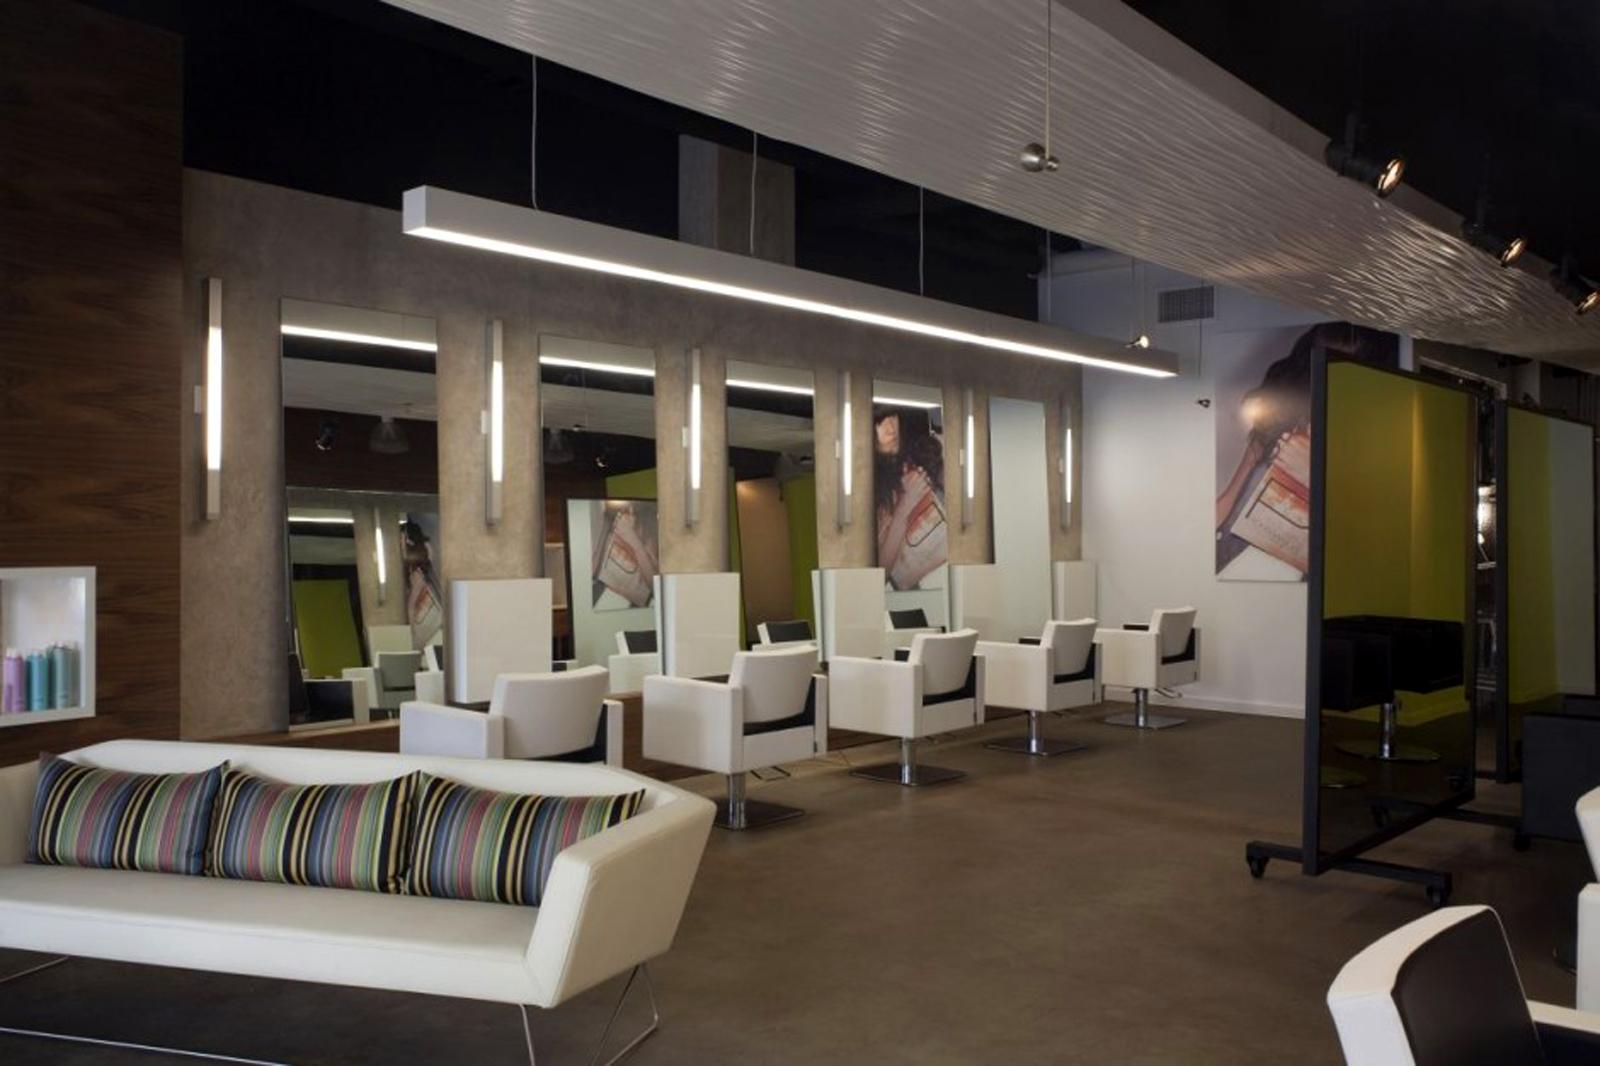 Beauty Salon Decor Ideas   1600x1066 iWallHD   Wallpaper HD 1600x1066